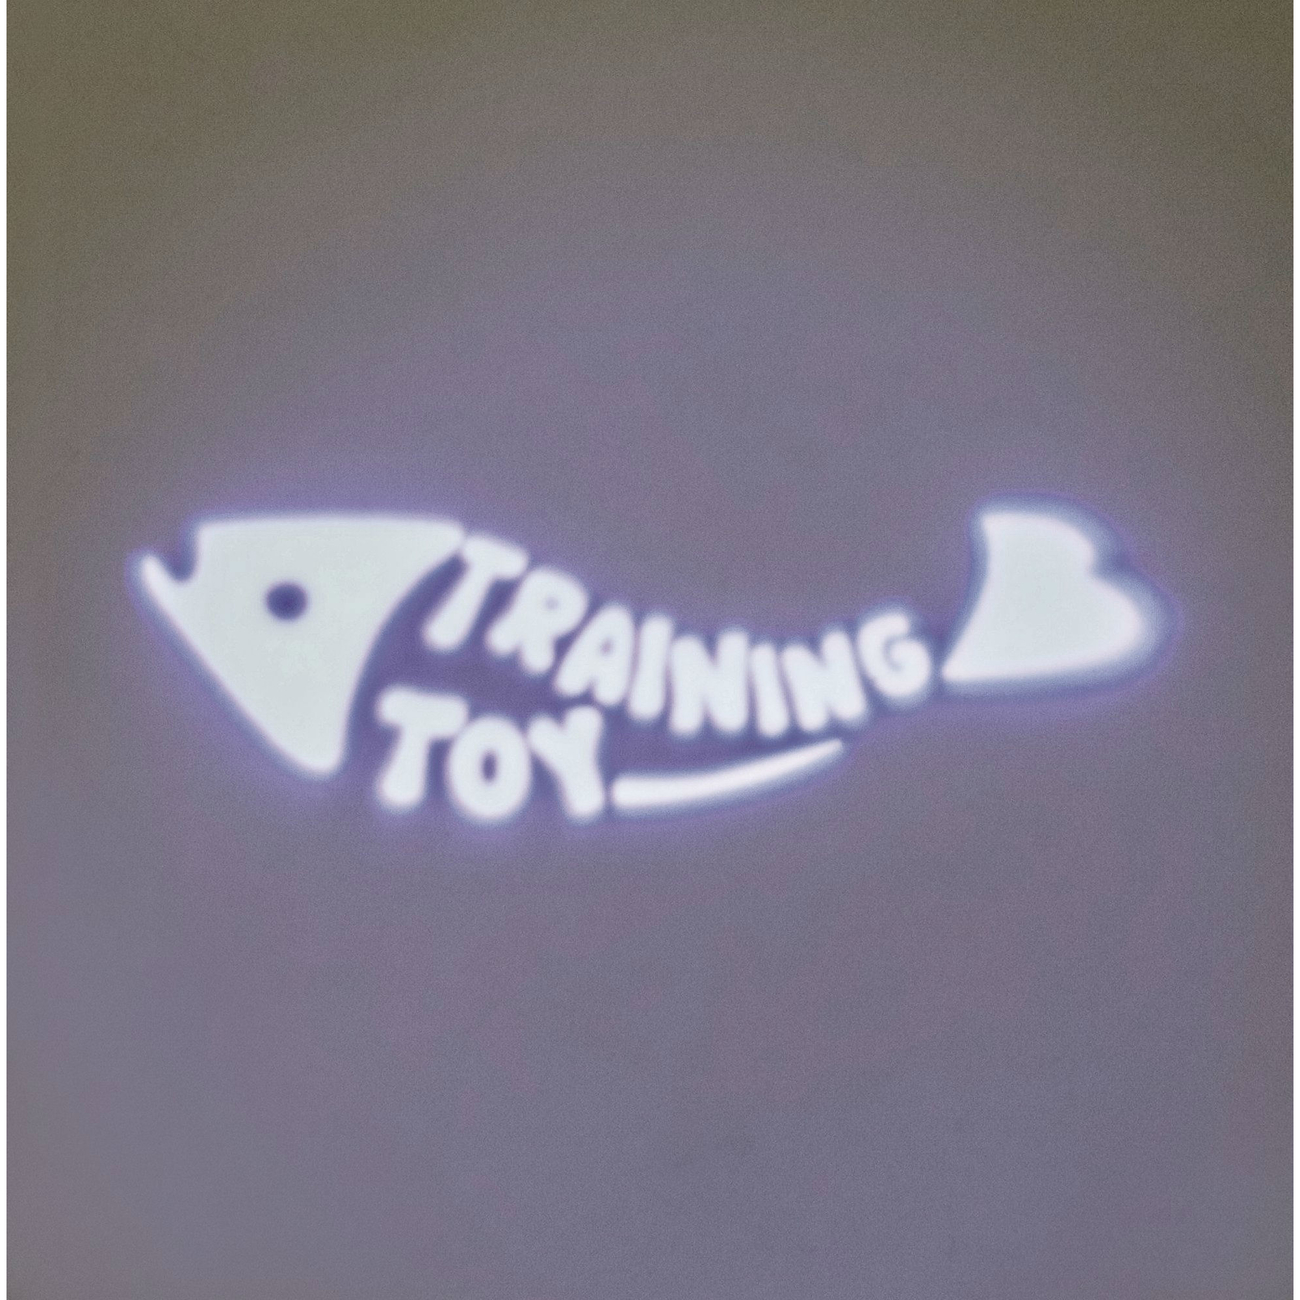 TRIXIE LED Laserpointer für Katzen 4130, Bild 2